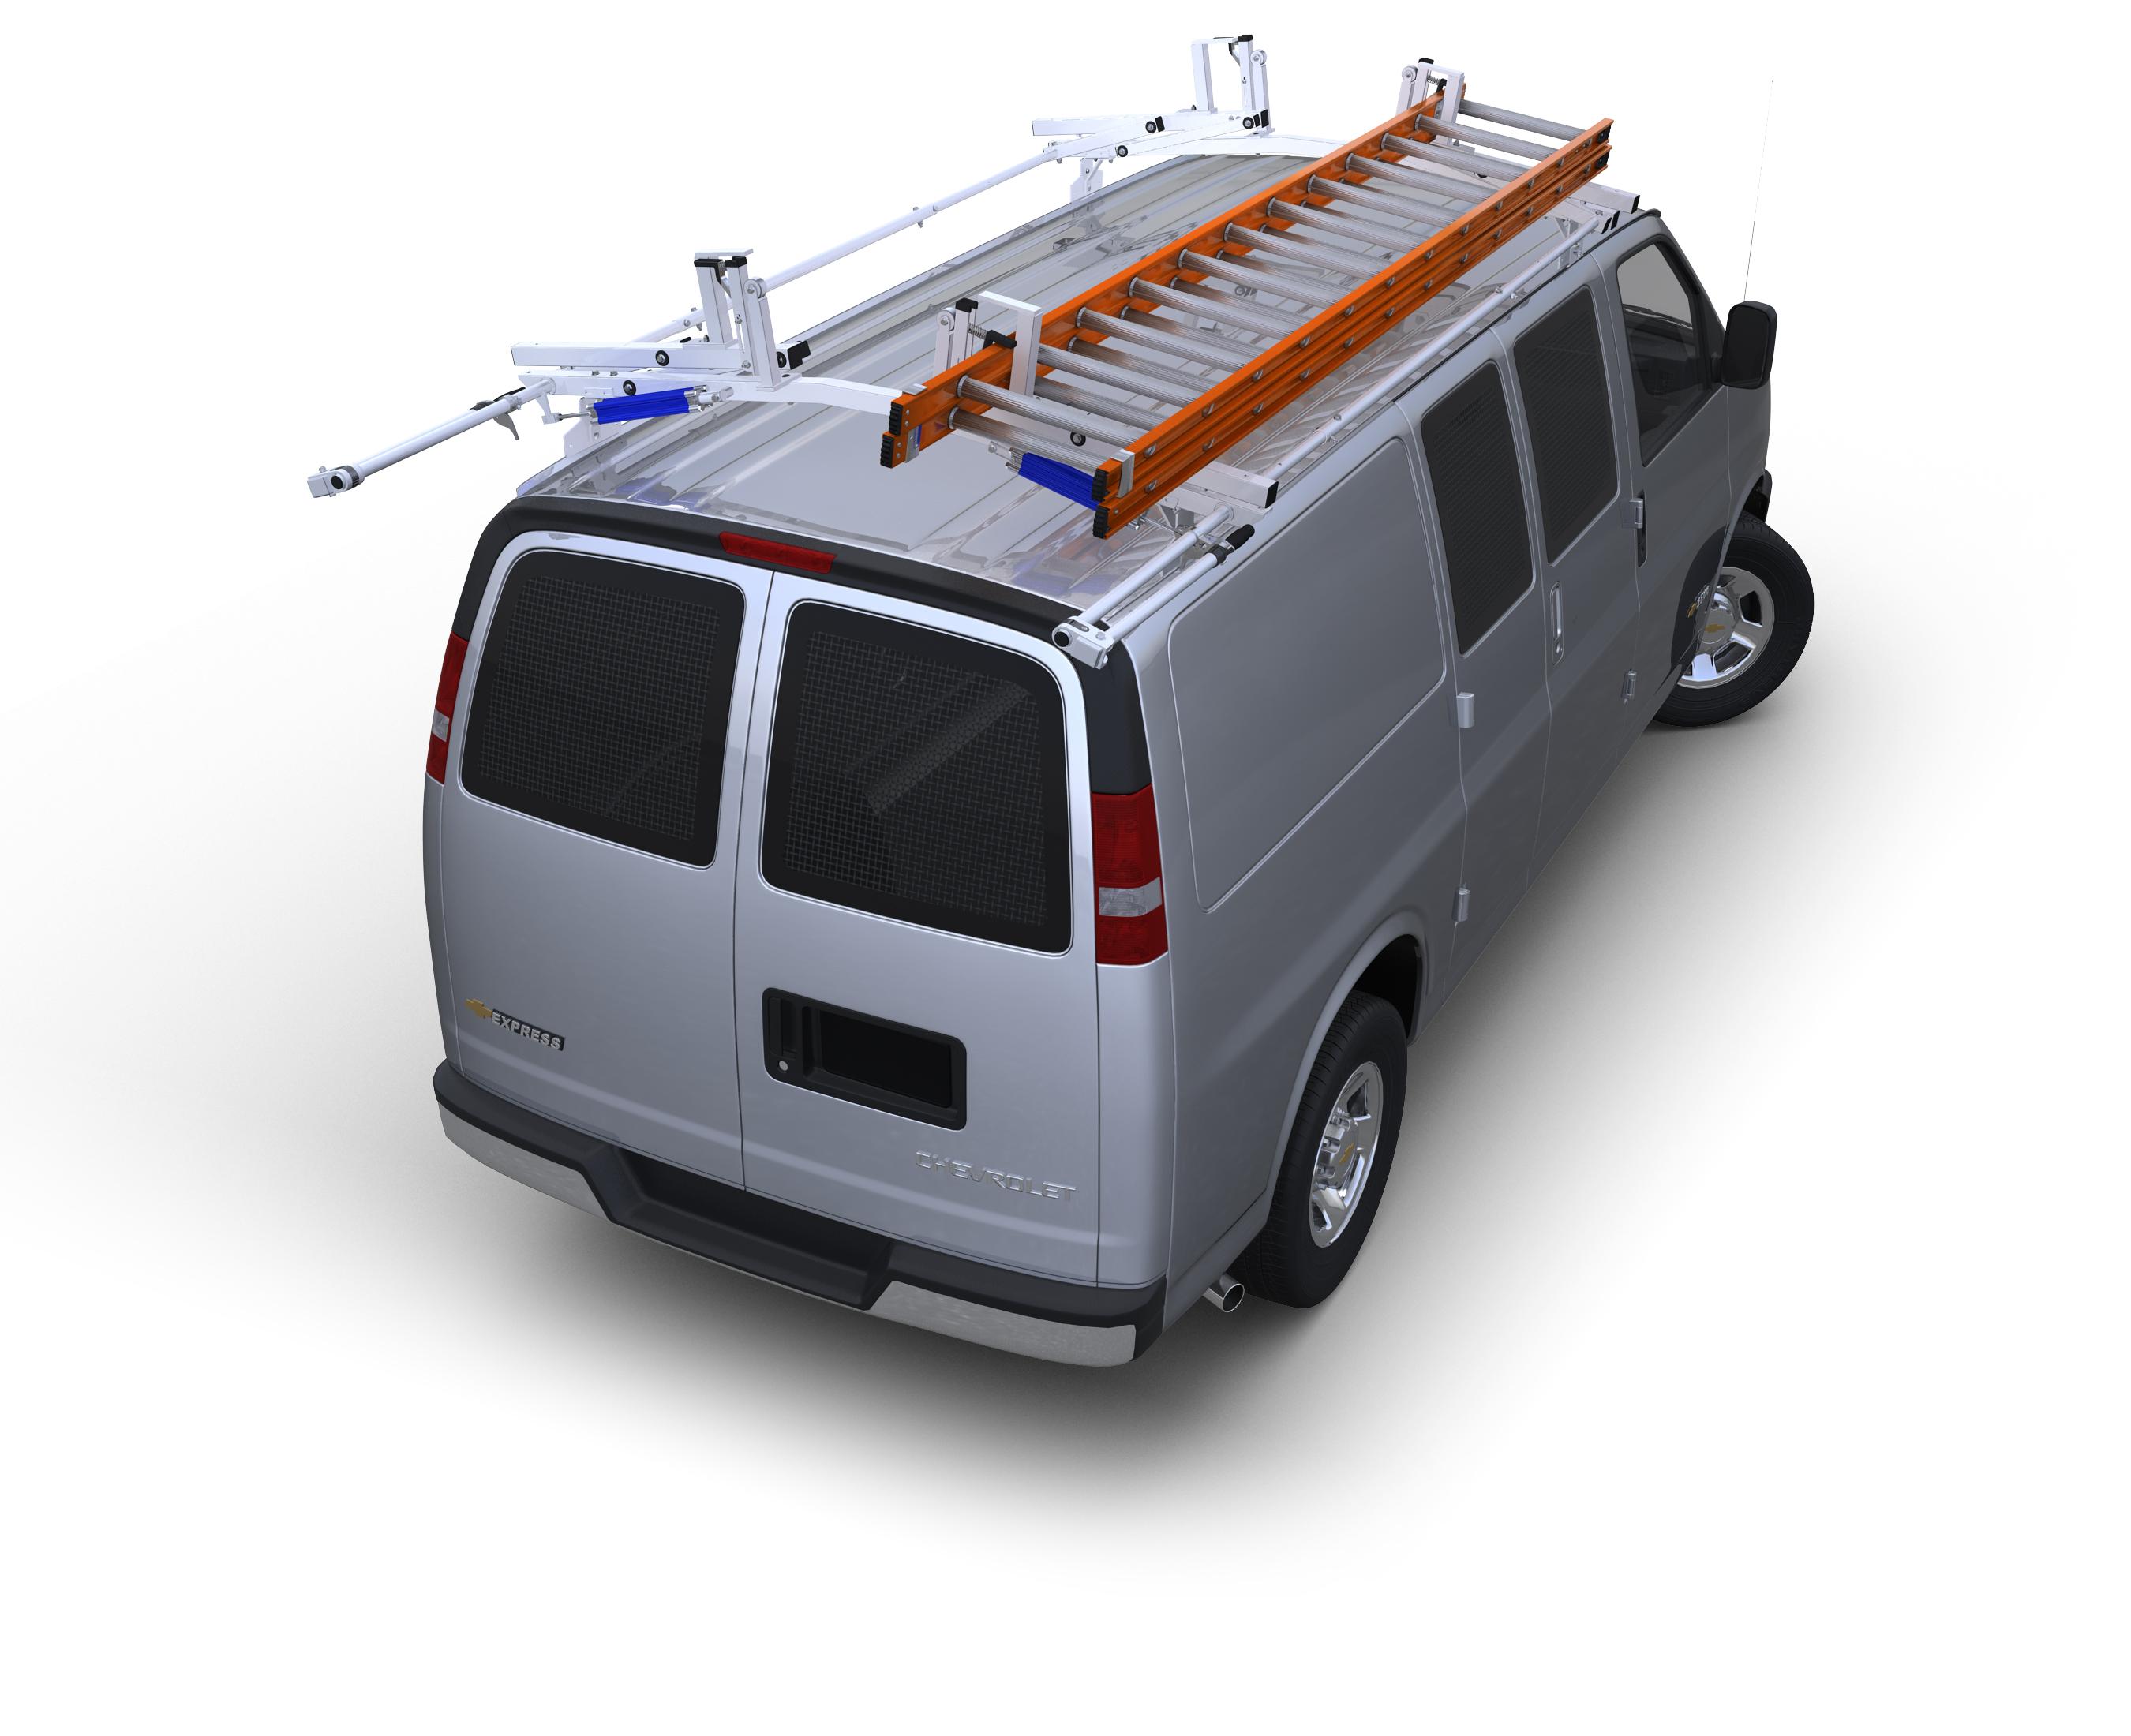 """MB Sprinter 144""""WB Std. Roof Base Van Package, Steel Shelving - SAVE $100!"""